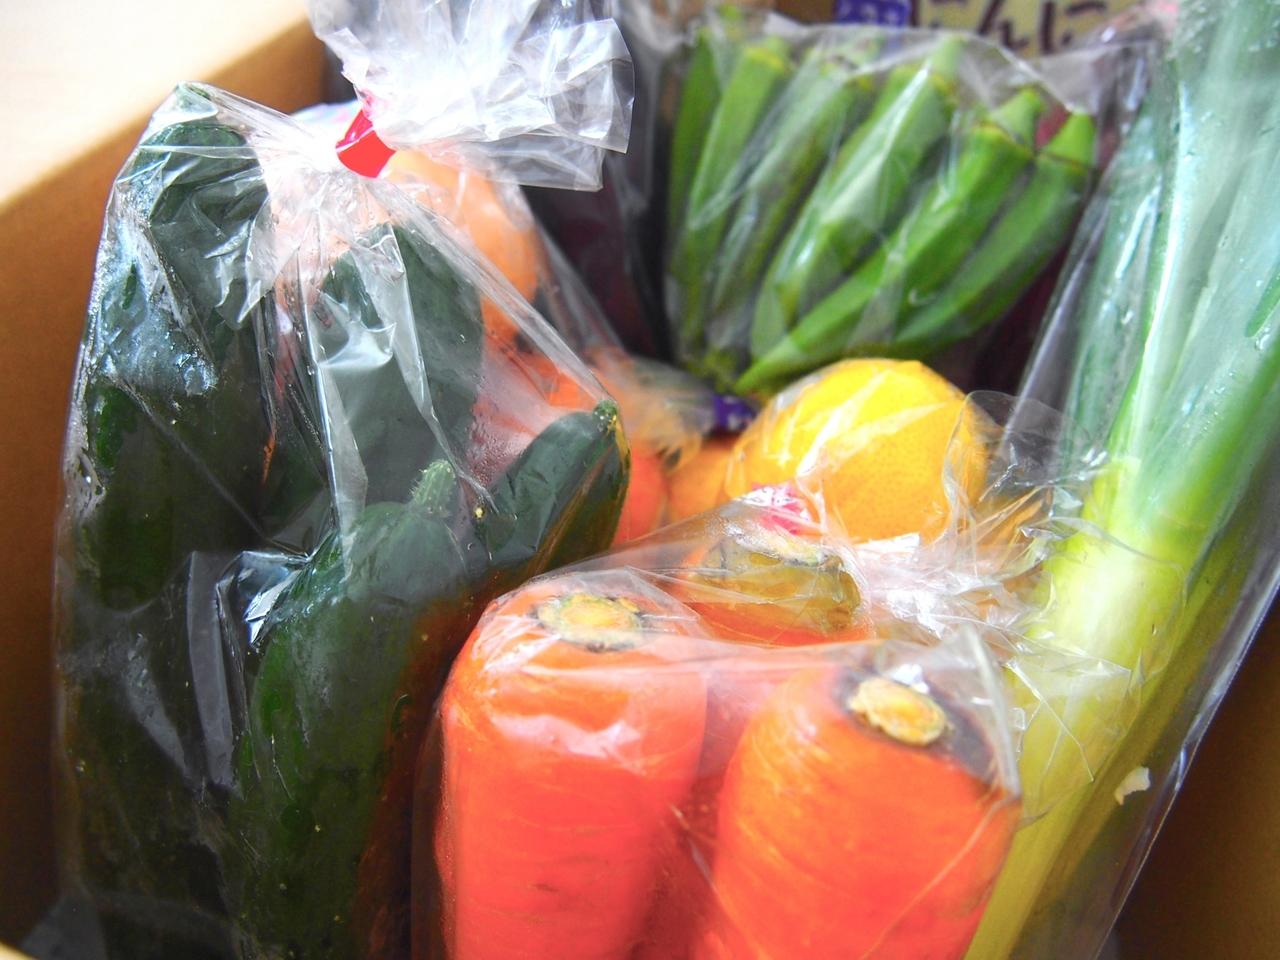 豊洲市場直送!野菜の詰め合わせプレゼント【大田】2020年1月12日  (日)